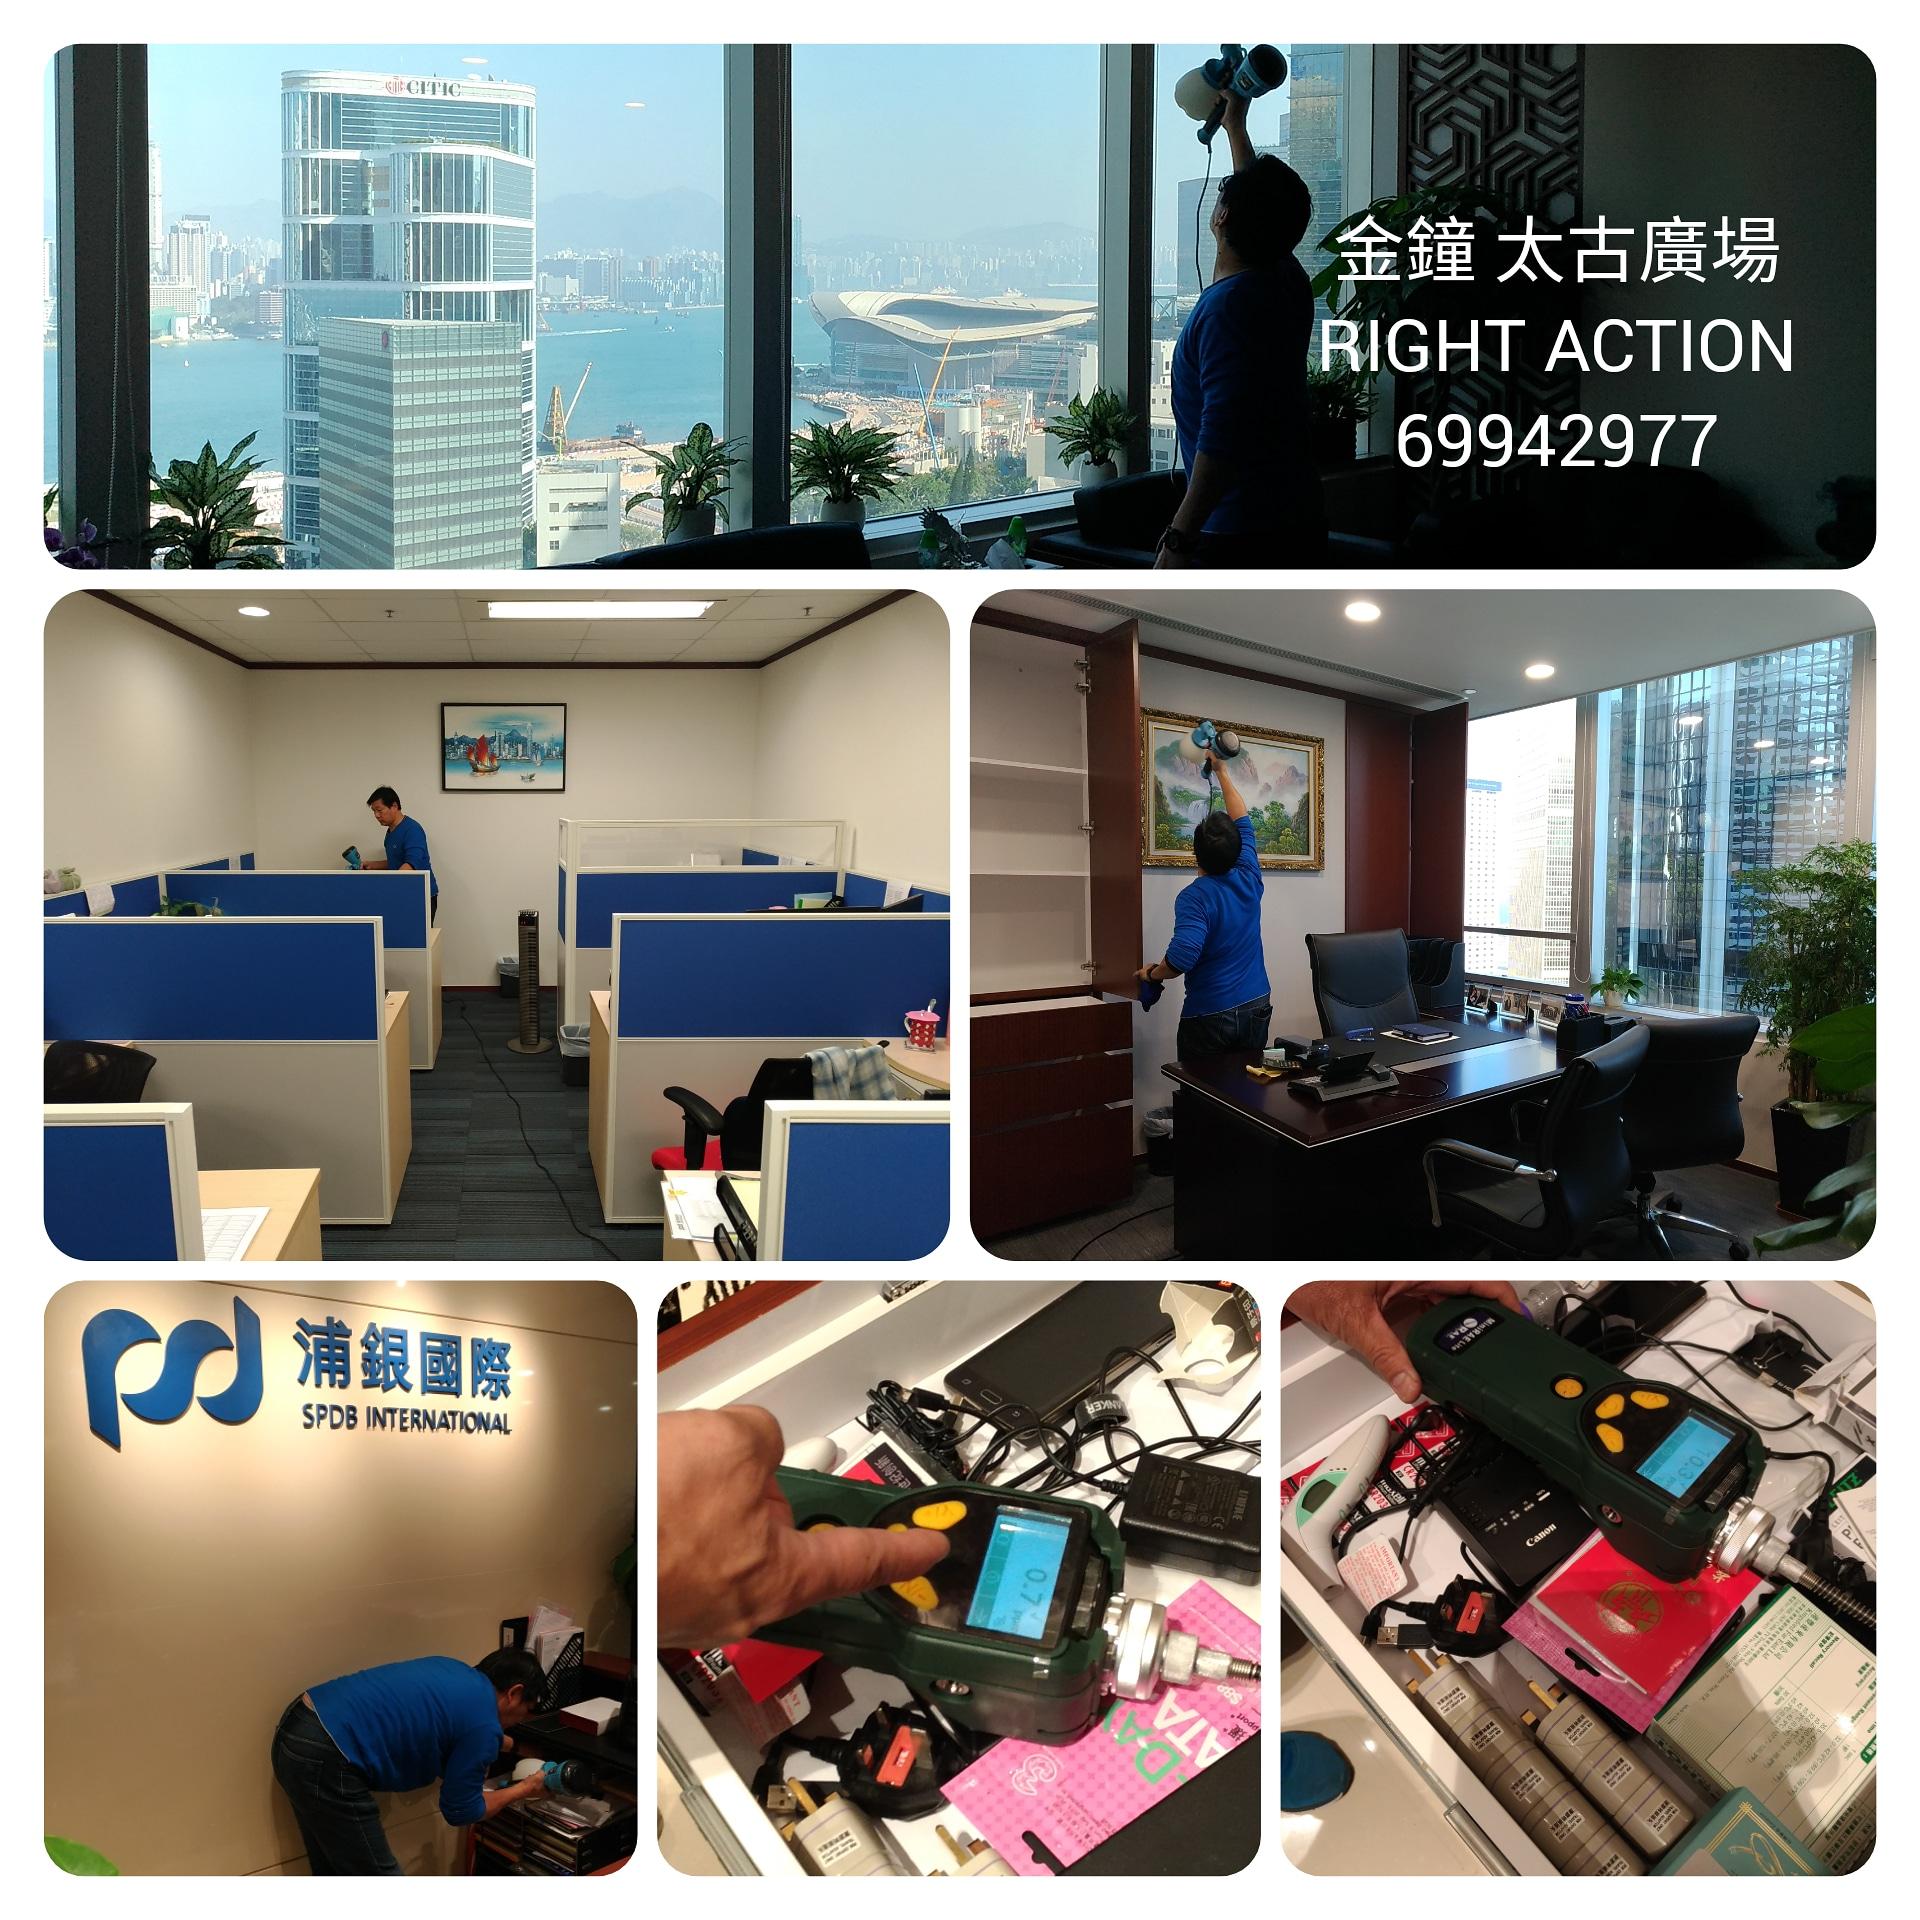 國內投行香港總部 - 去除甲醛及除異味工程